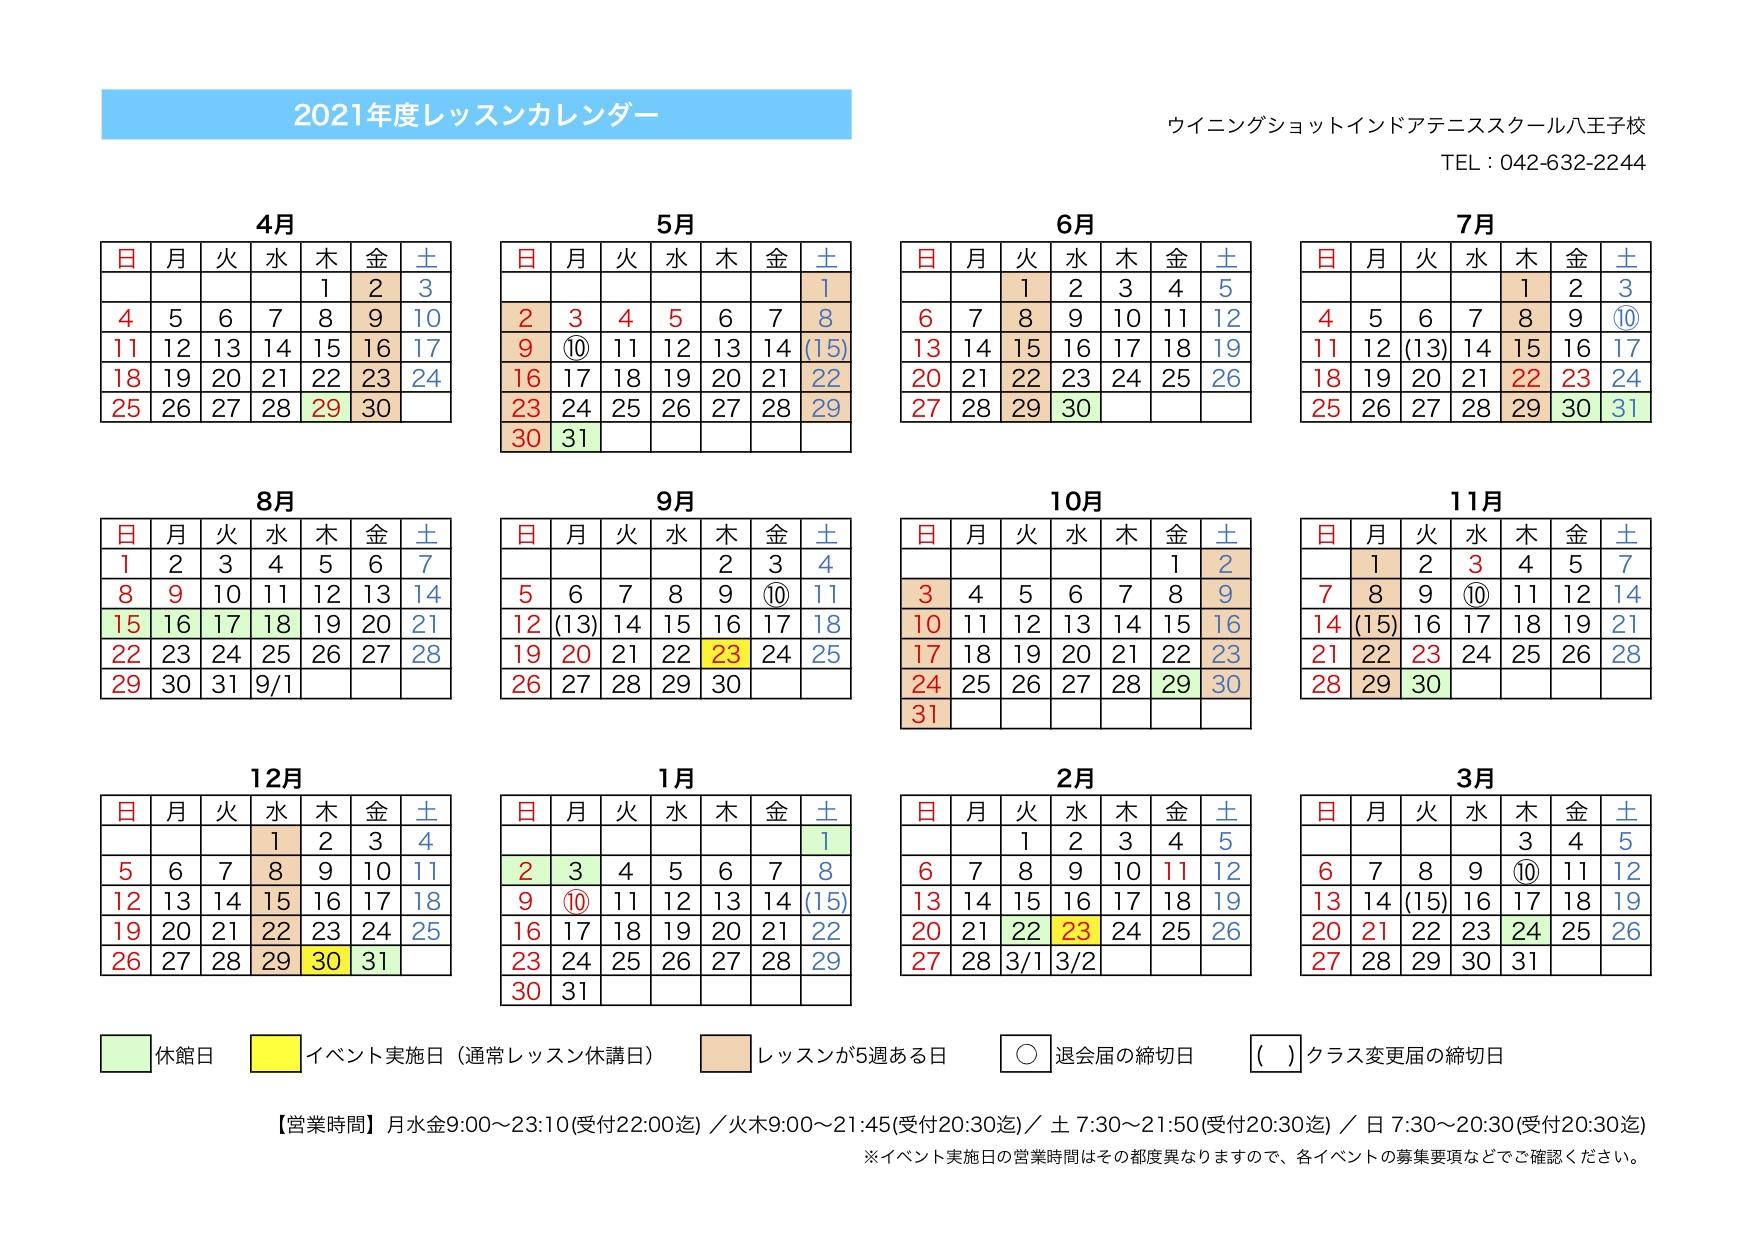 八王子校(インドア)2020年度レッスンカレンダー